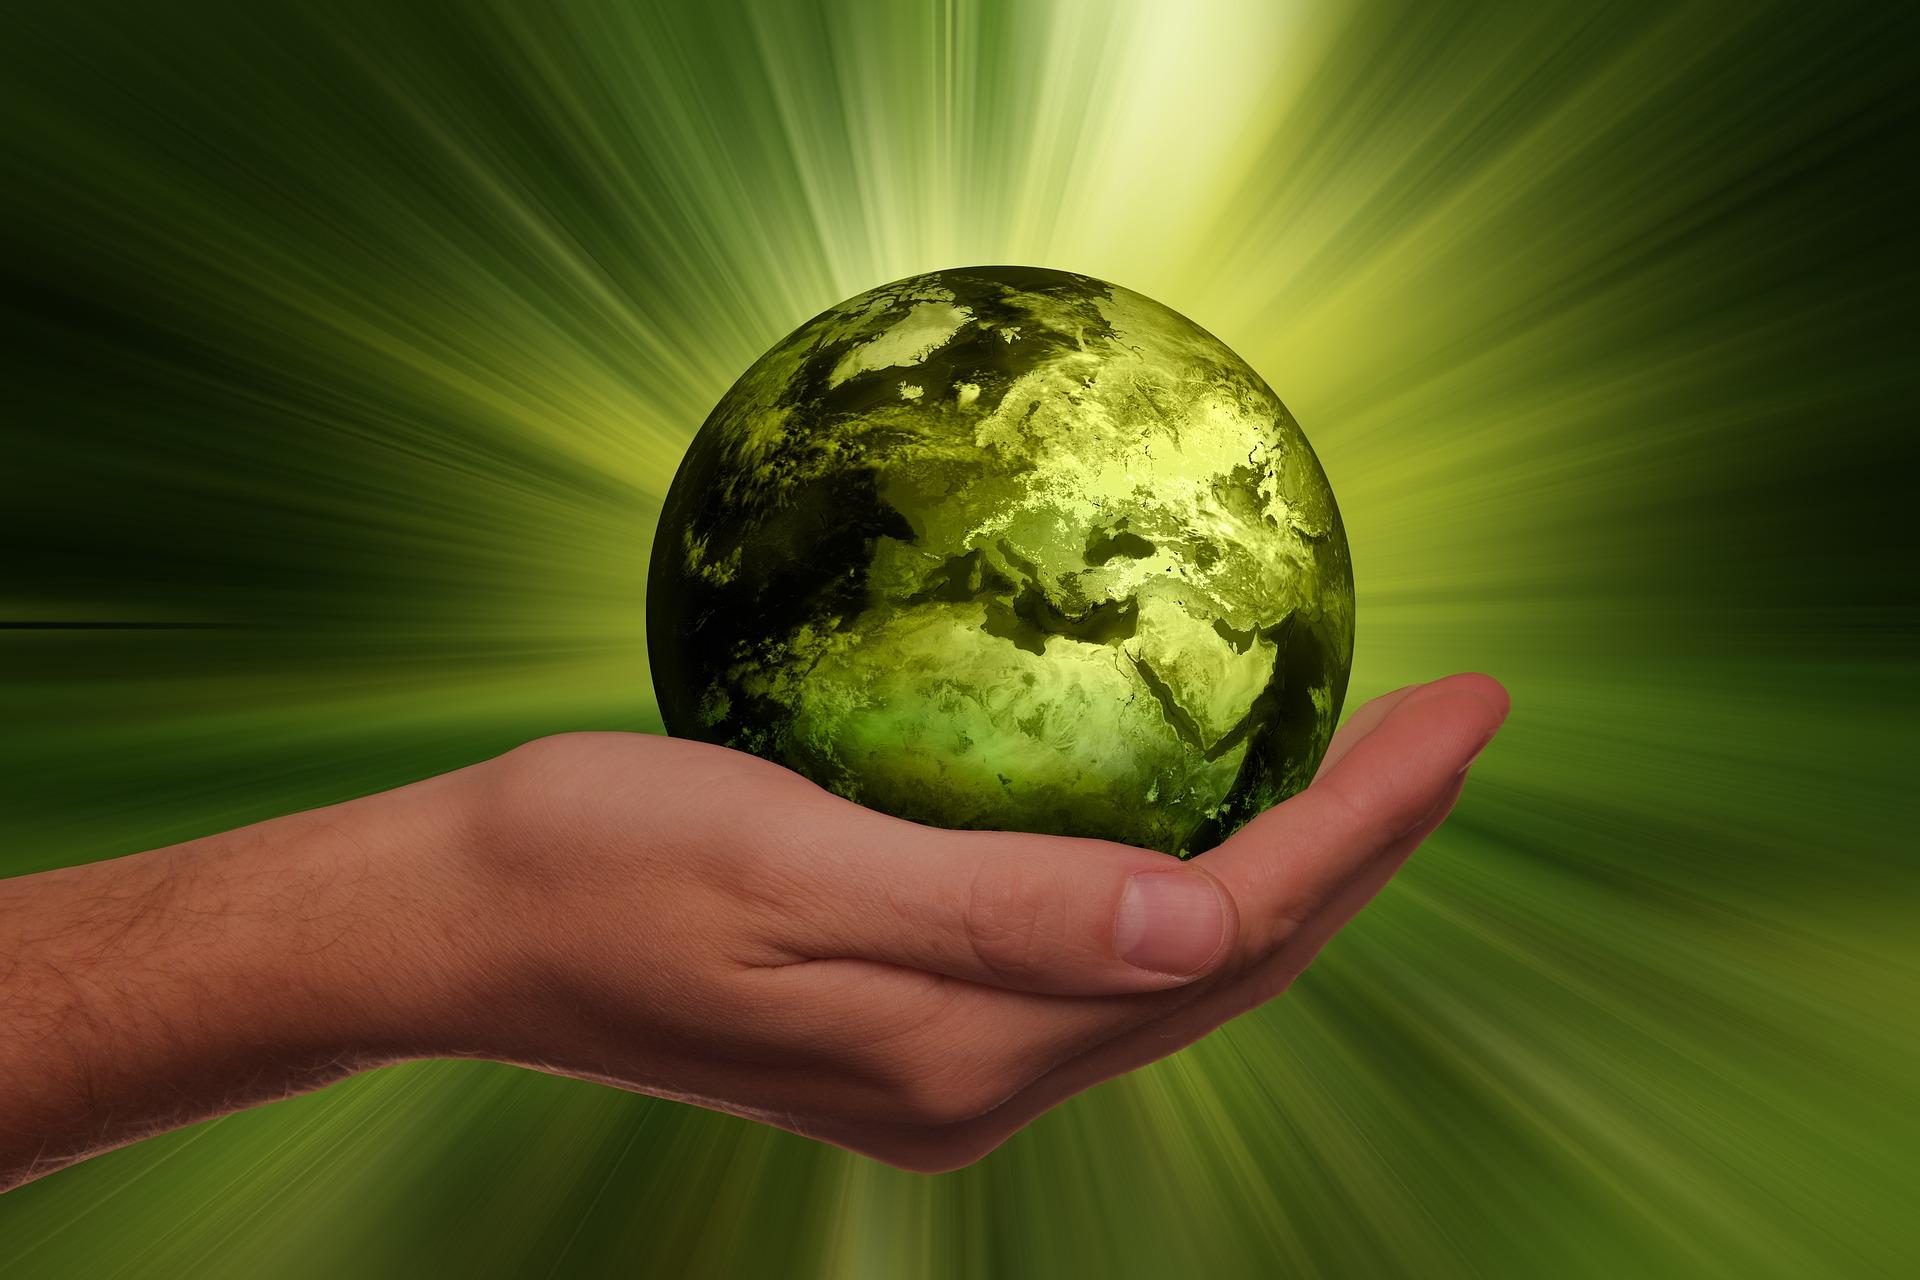 sostenibilità e brand value